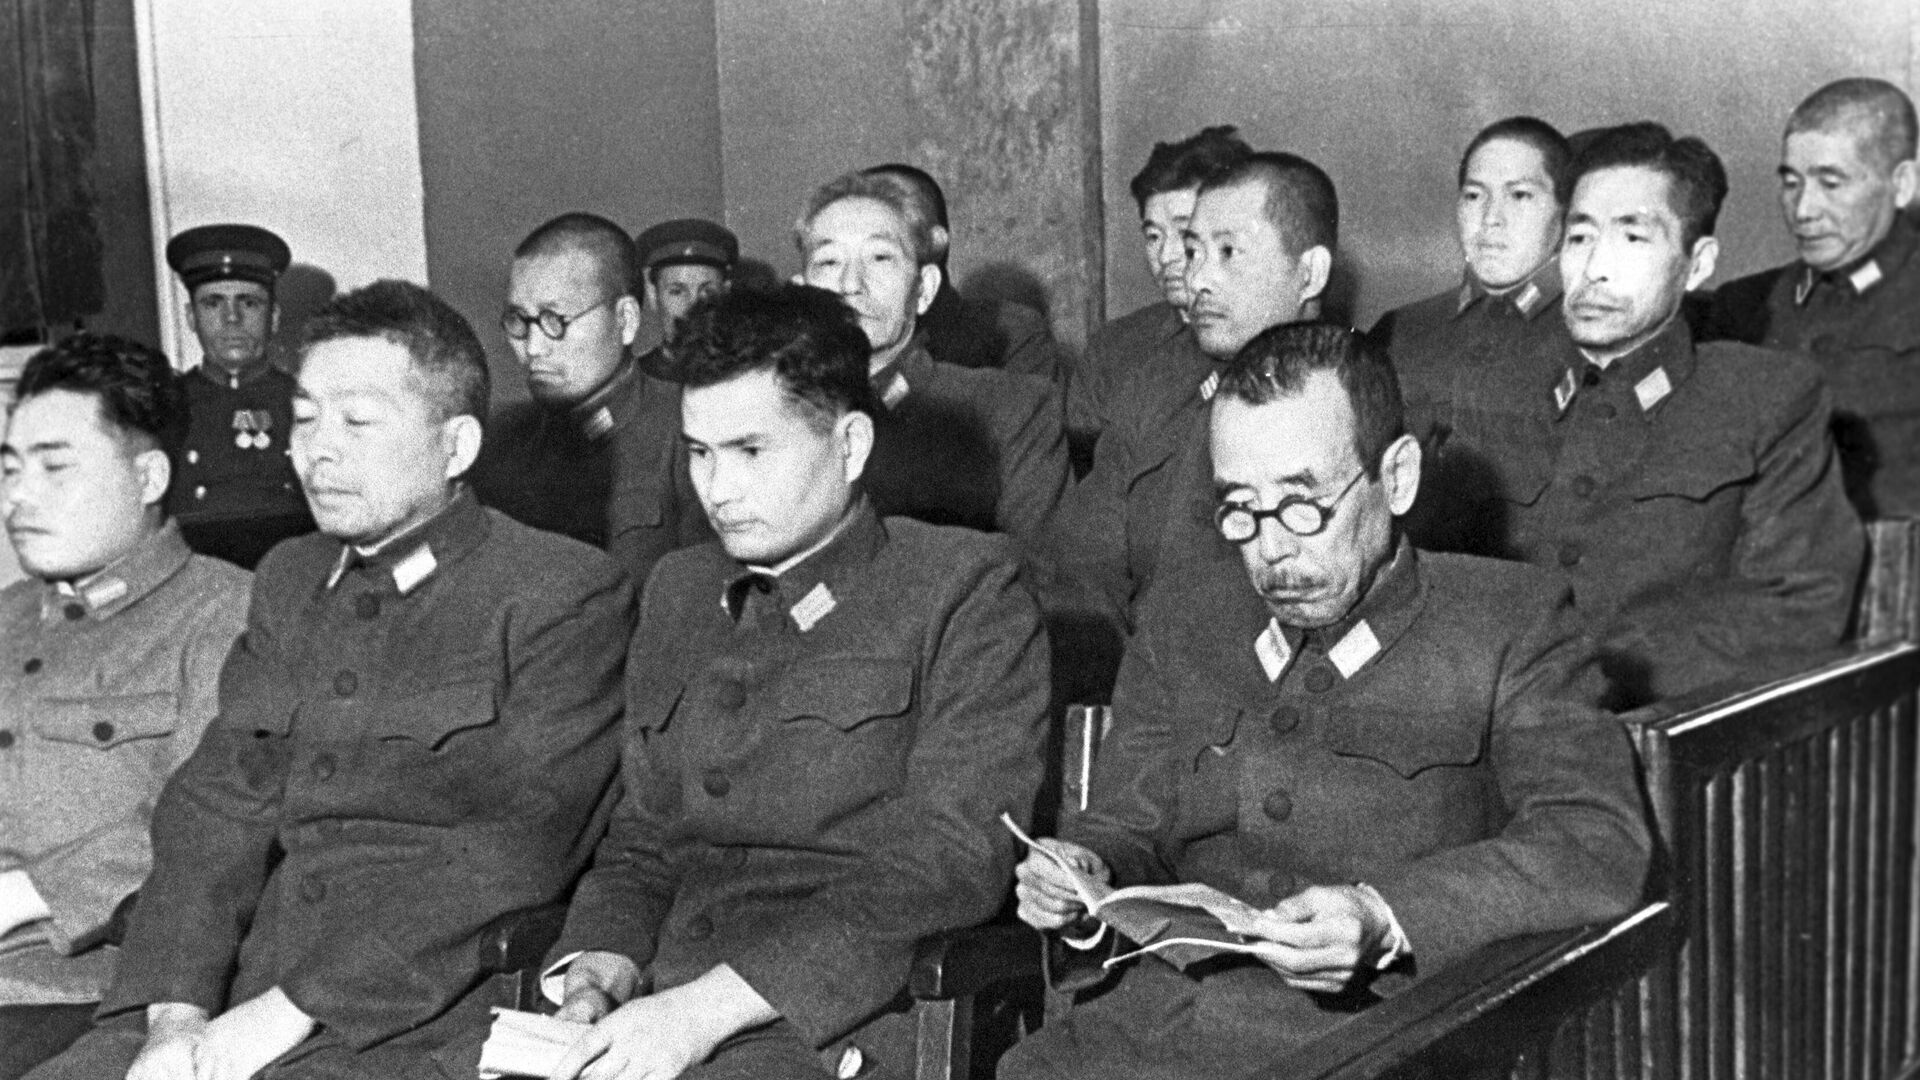 Подсудимые по делу бывших военнослужащих японской армии, обвиняемых в подготовке к применению бактериологического оружия - РИА Новости, 1920, 20.08.2021